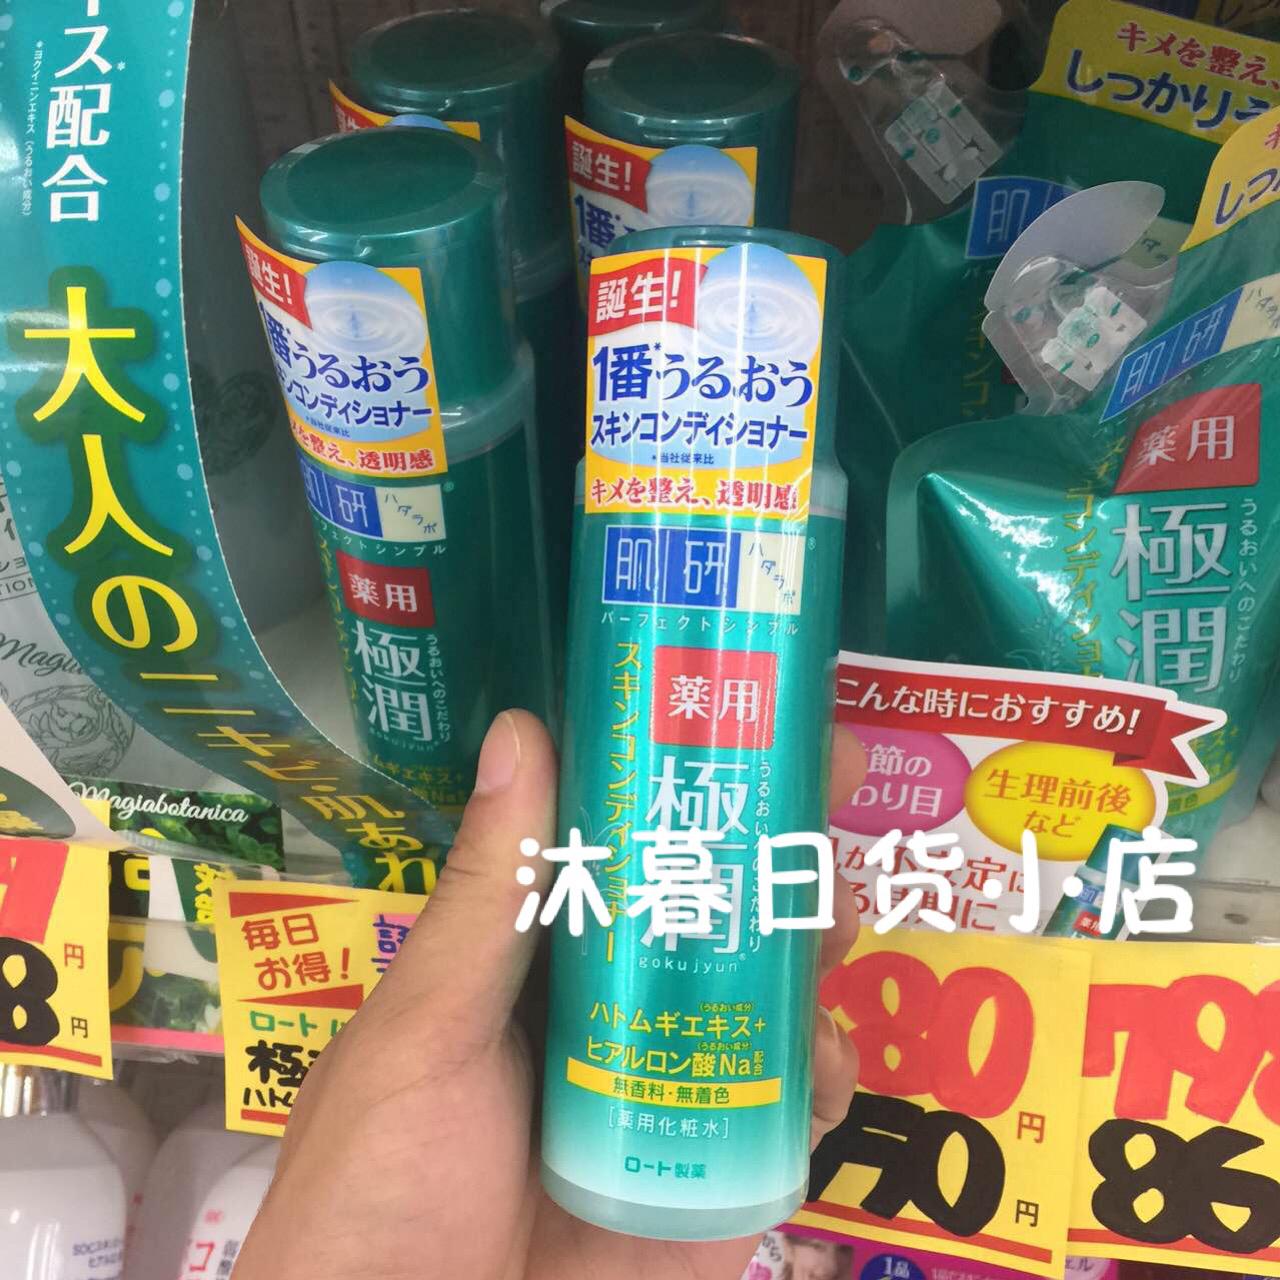 日本採購 Hada Labo/肌研 極潤薏仁粉刺補水化妝水 清爽型